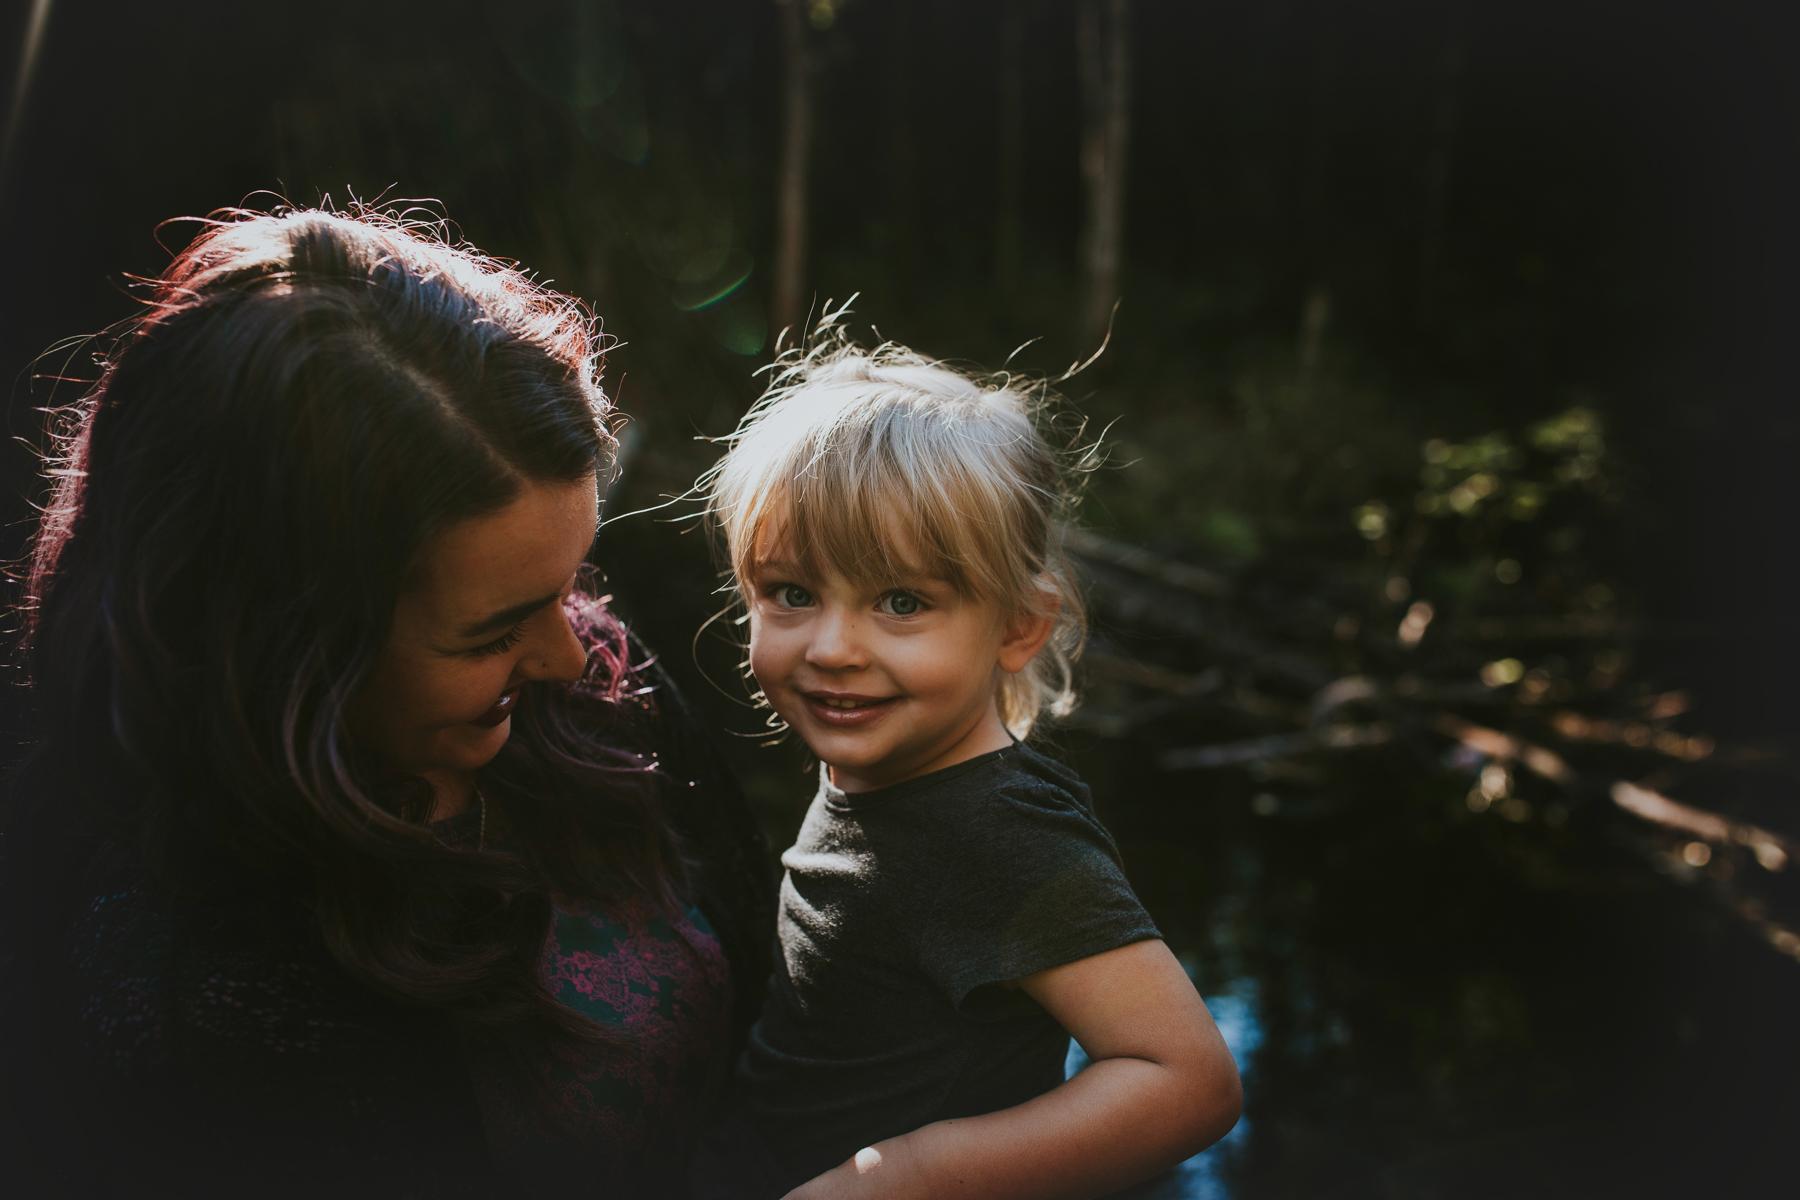 15eagleriveralasksafamilyphotographer.jpg